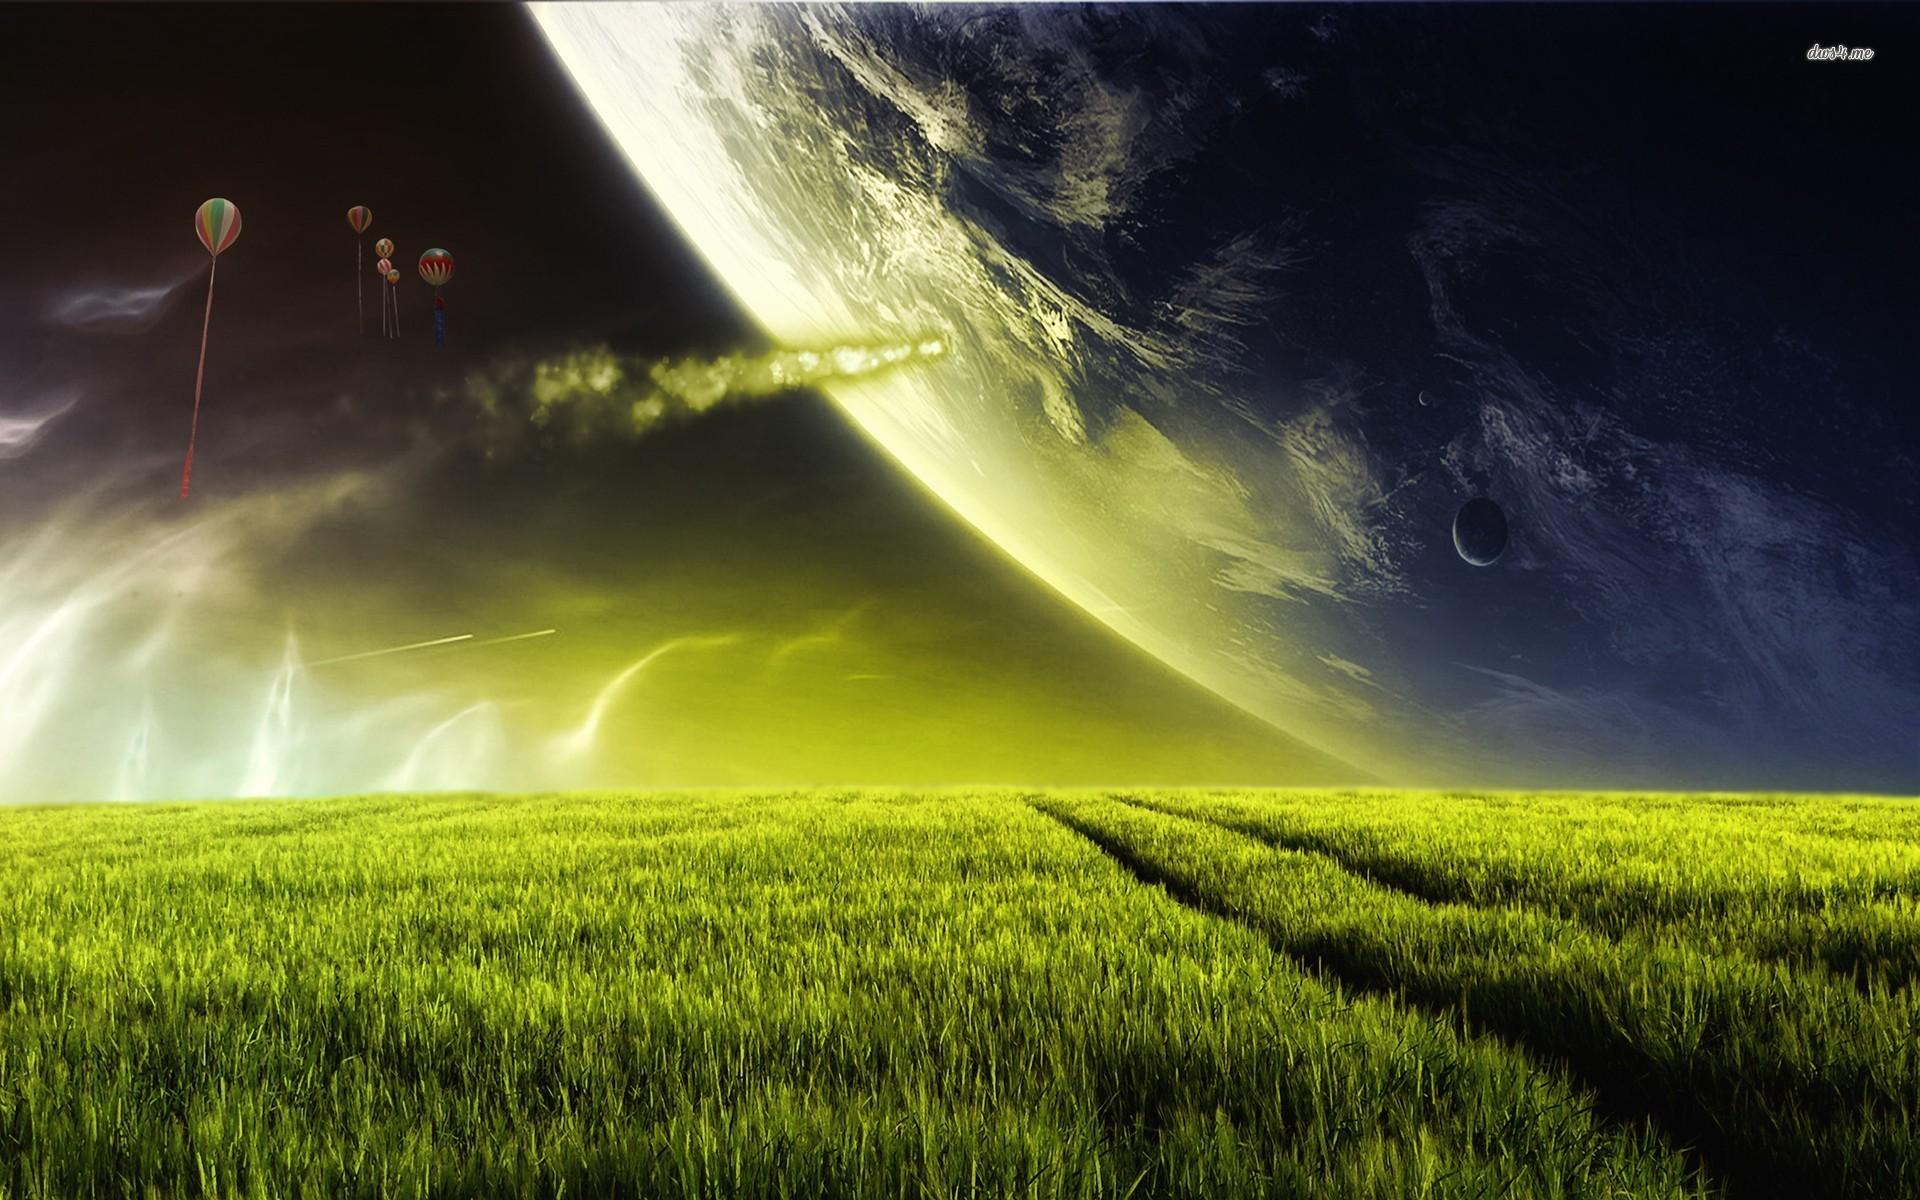 Alien Planet Wallpaper - WallpaperSafari